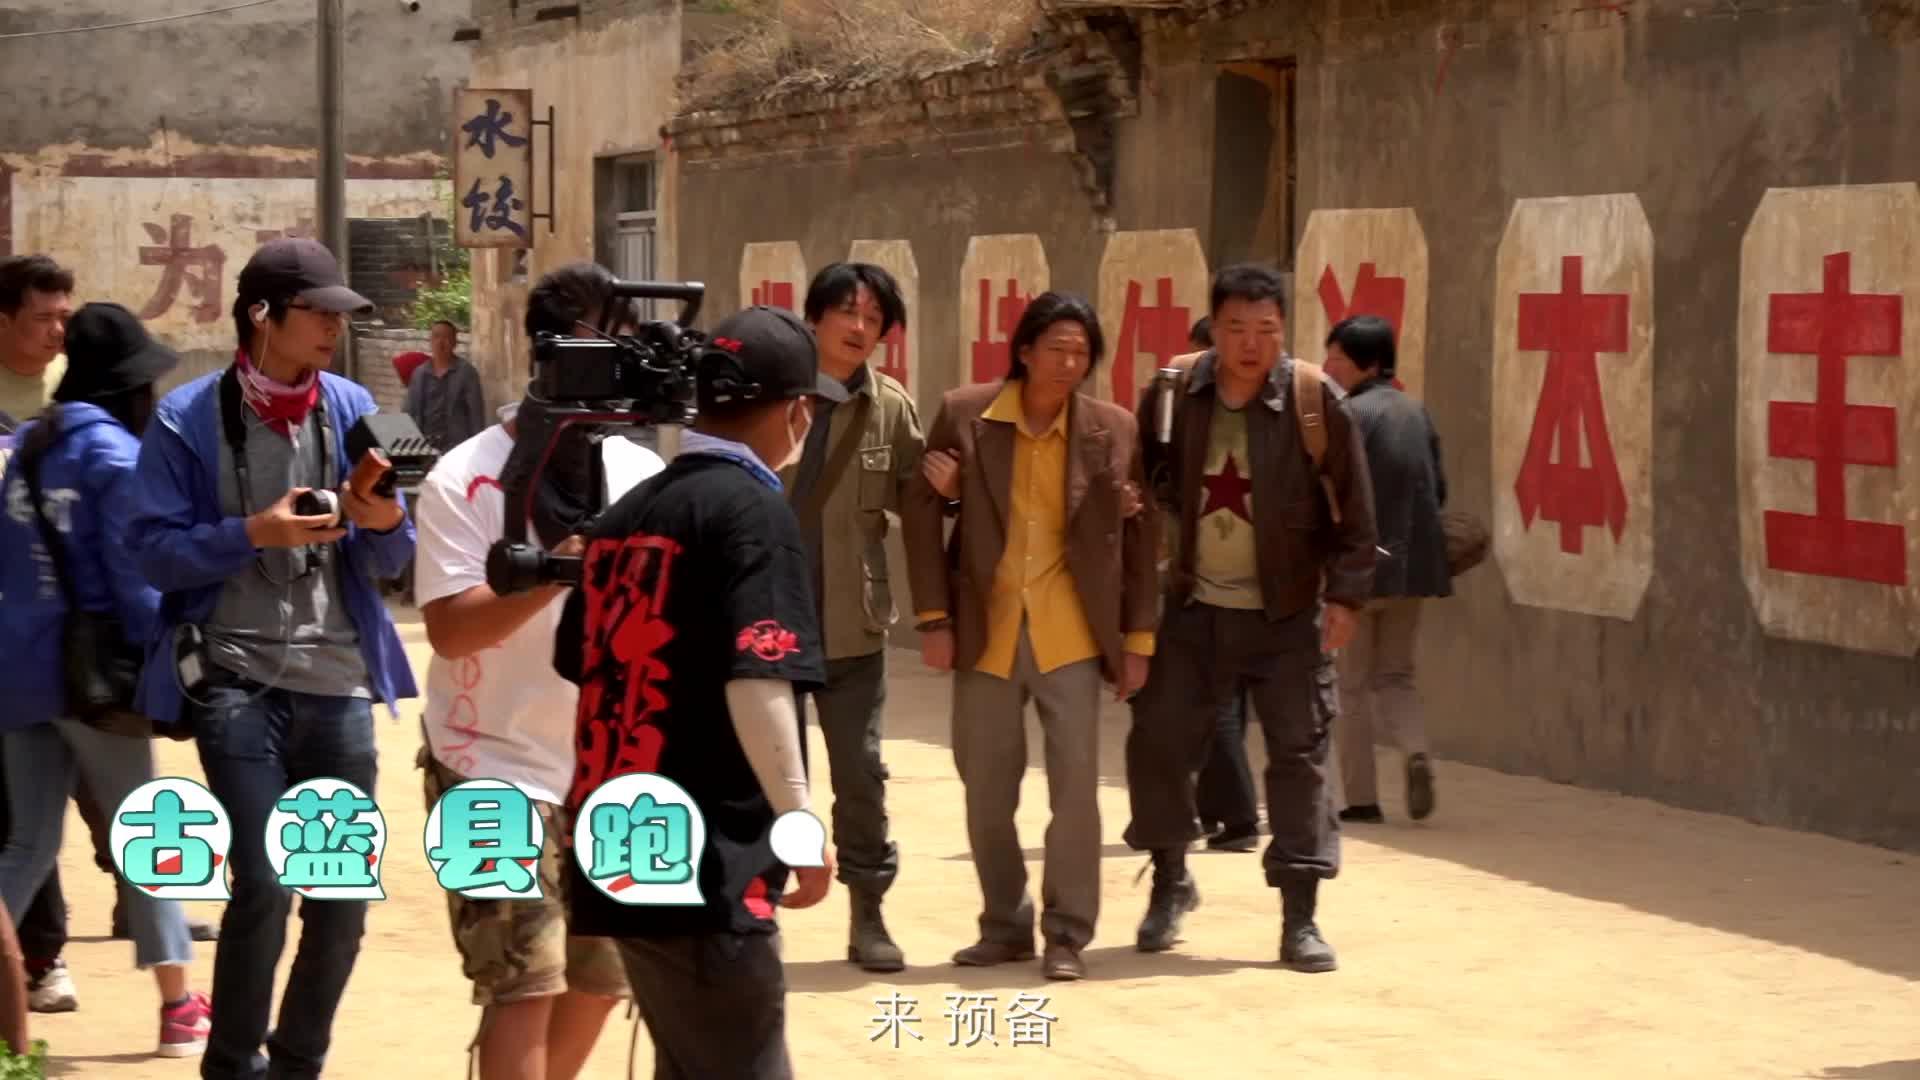 《龙岭迷窟》古蓝县跑男团上线 胖八金组合魔性跑跑